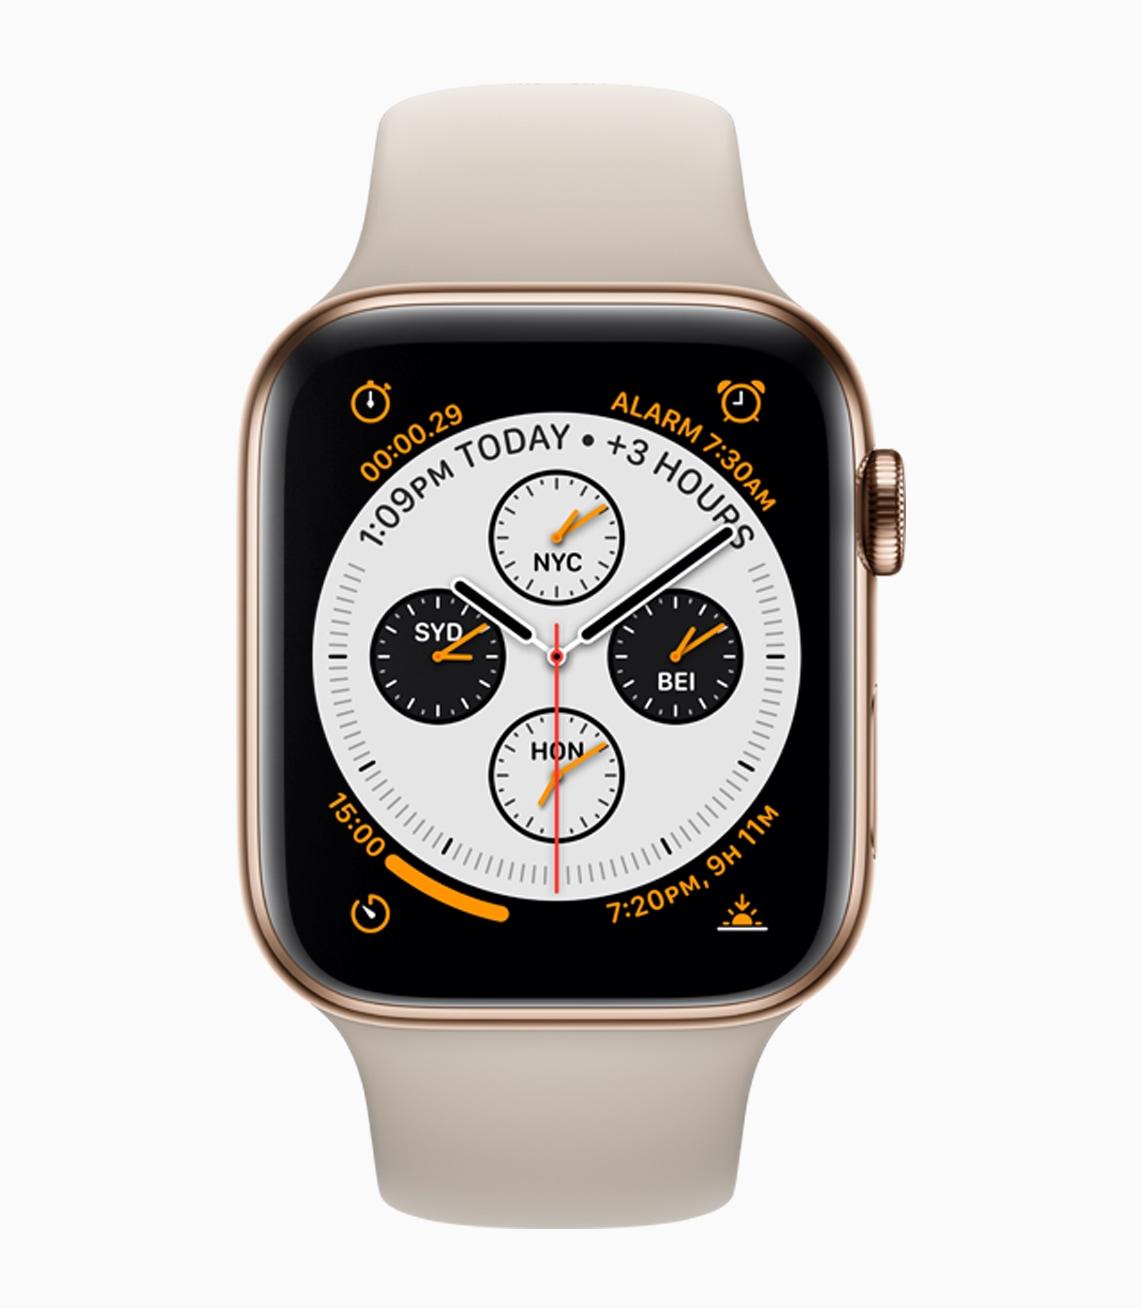 97d9278e6b8 O que muda do Apple Watch Series 3 para o Series 4  – MacMagazine.com.br